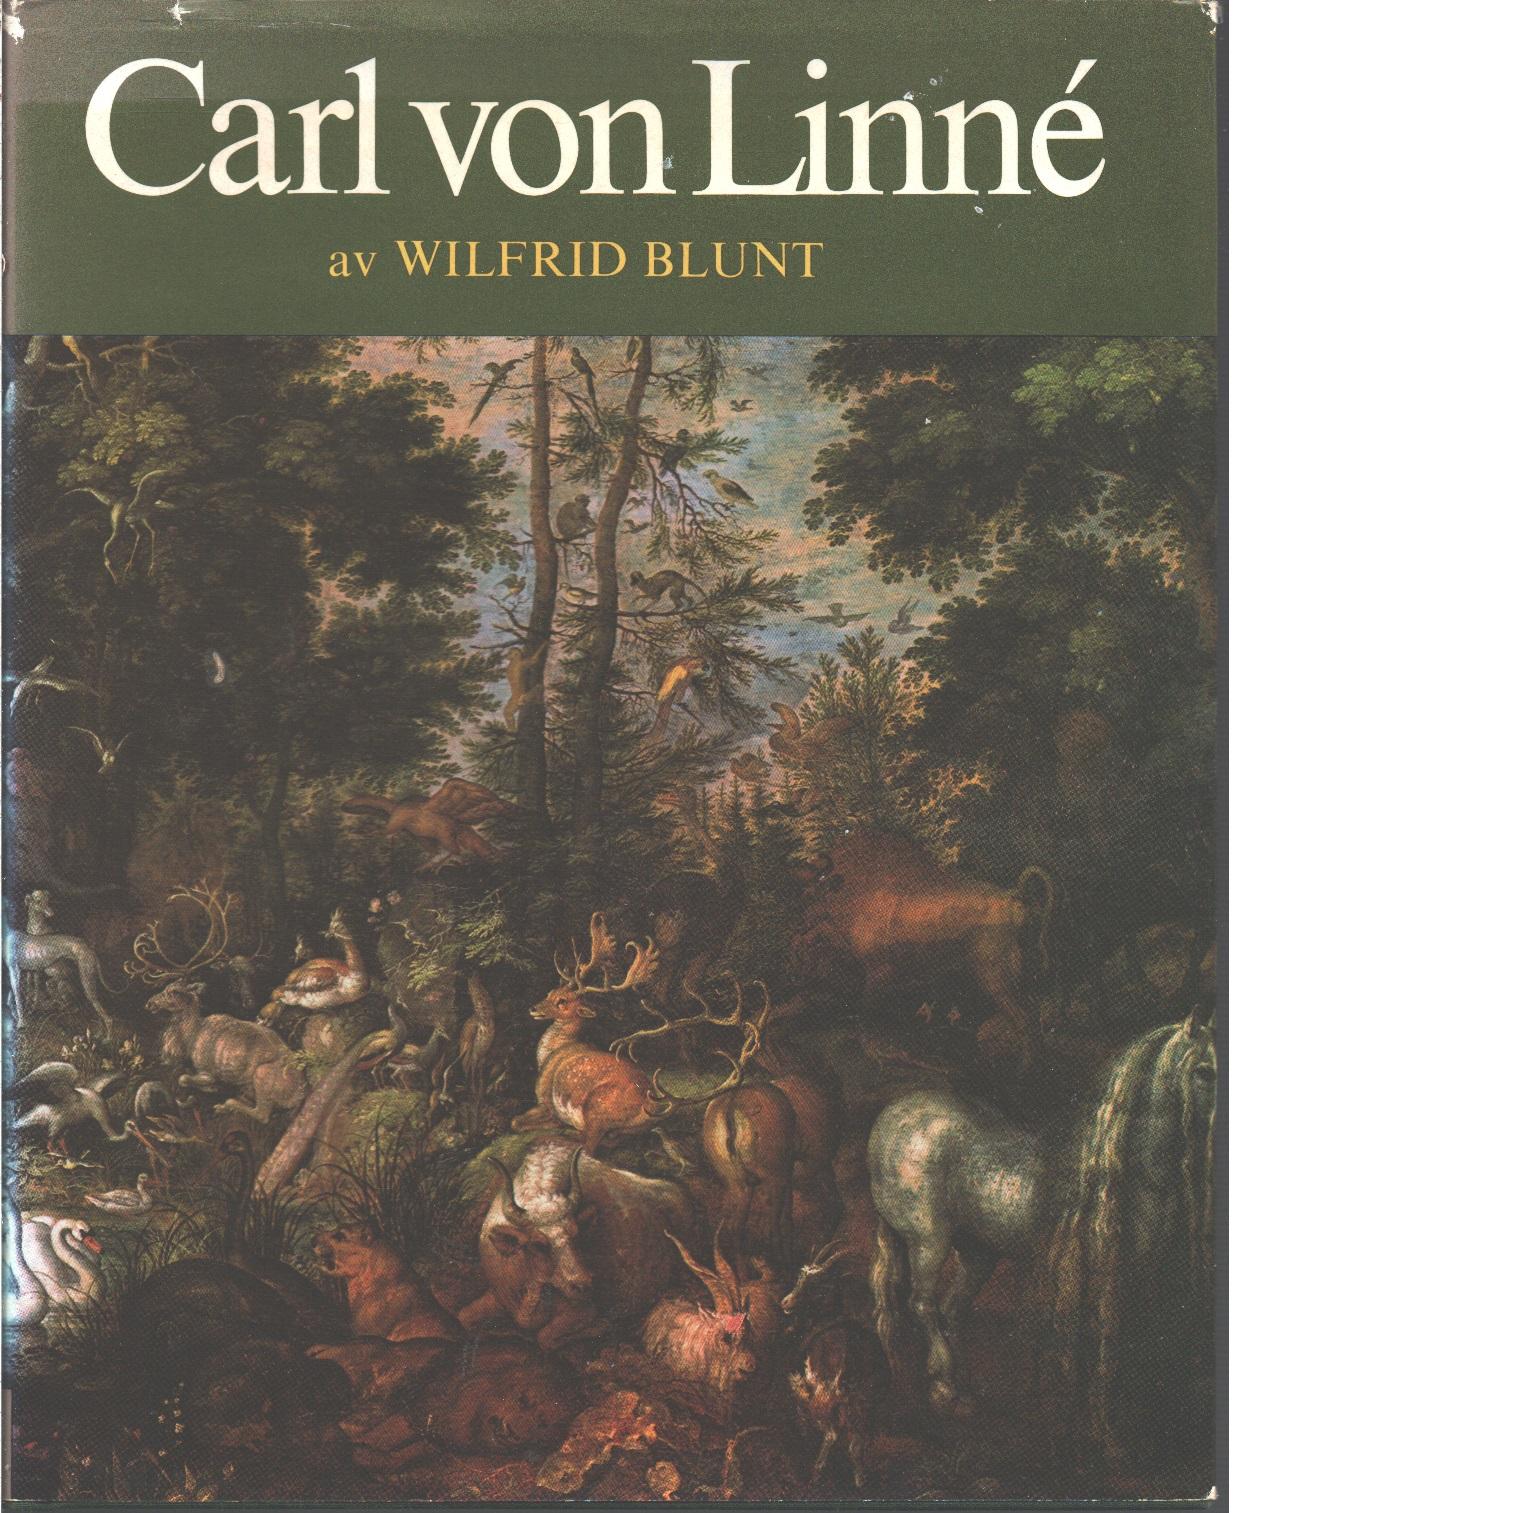 Carl von Linné - Blunt, Wilfrid